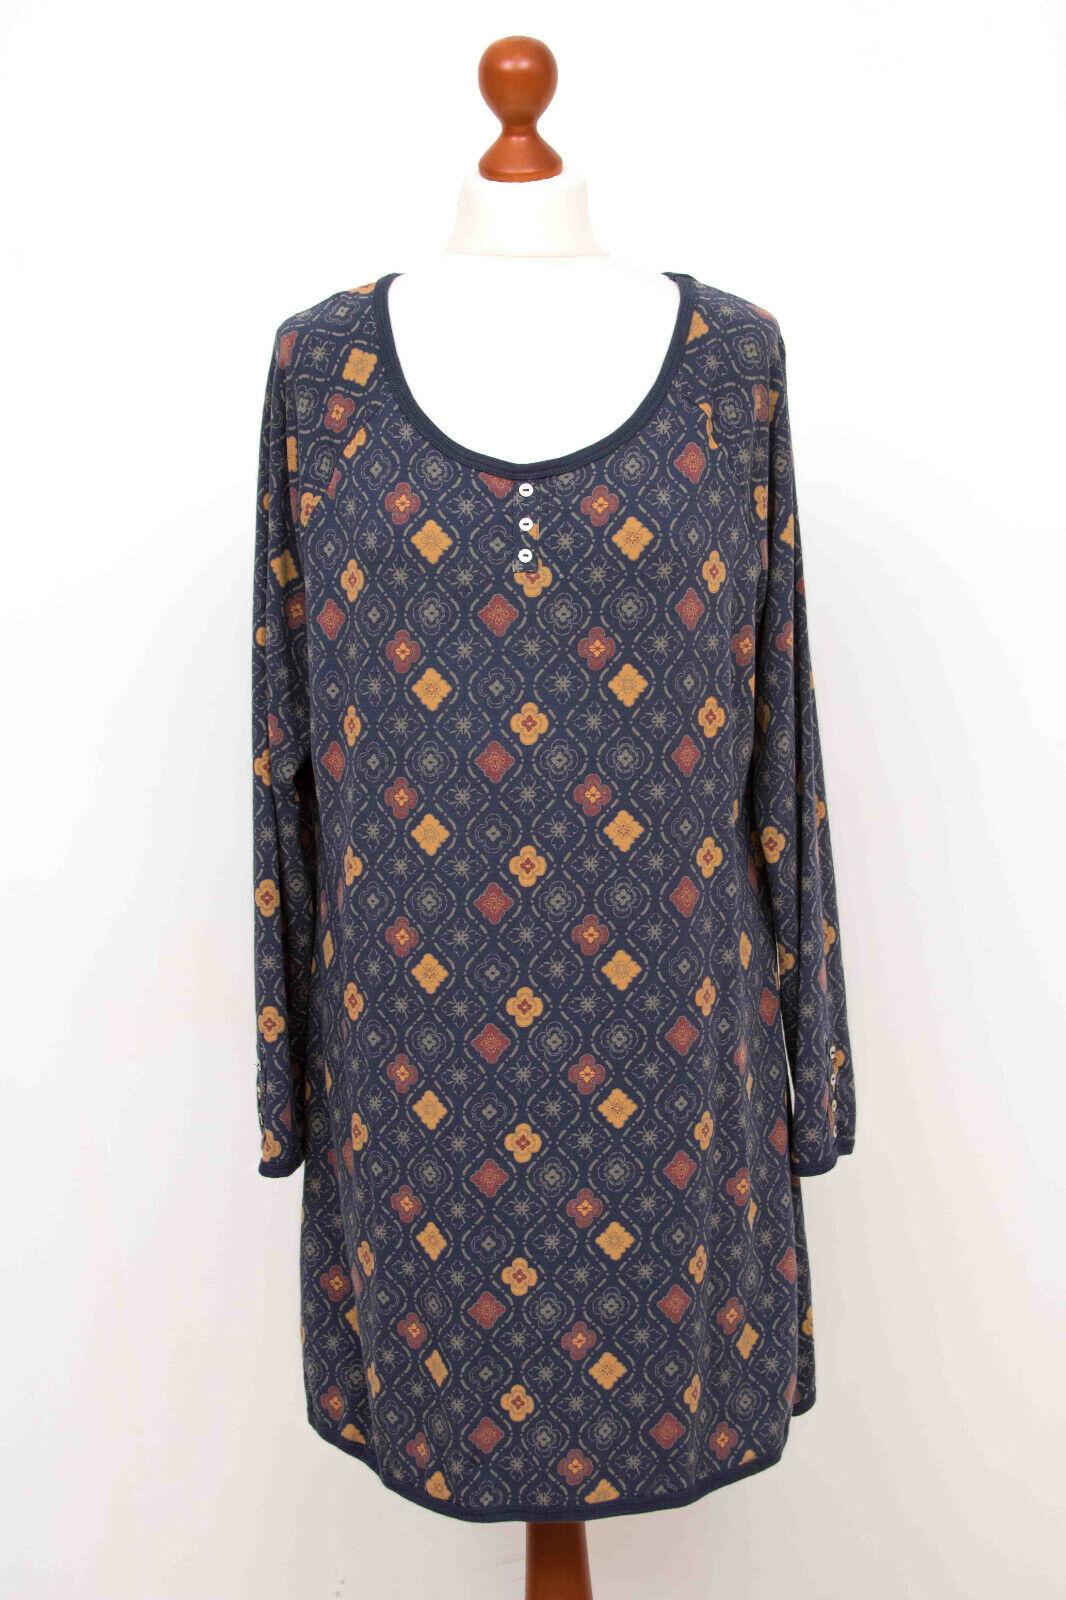 DEERBERG Blau Blumen Baumwolle & Modal Langarm Kleid Dress Gr. L